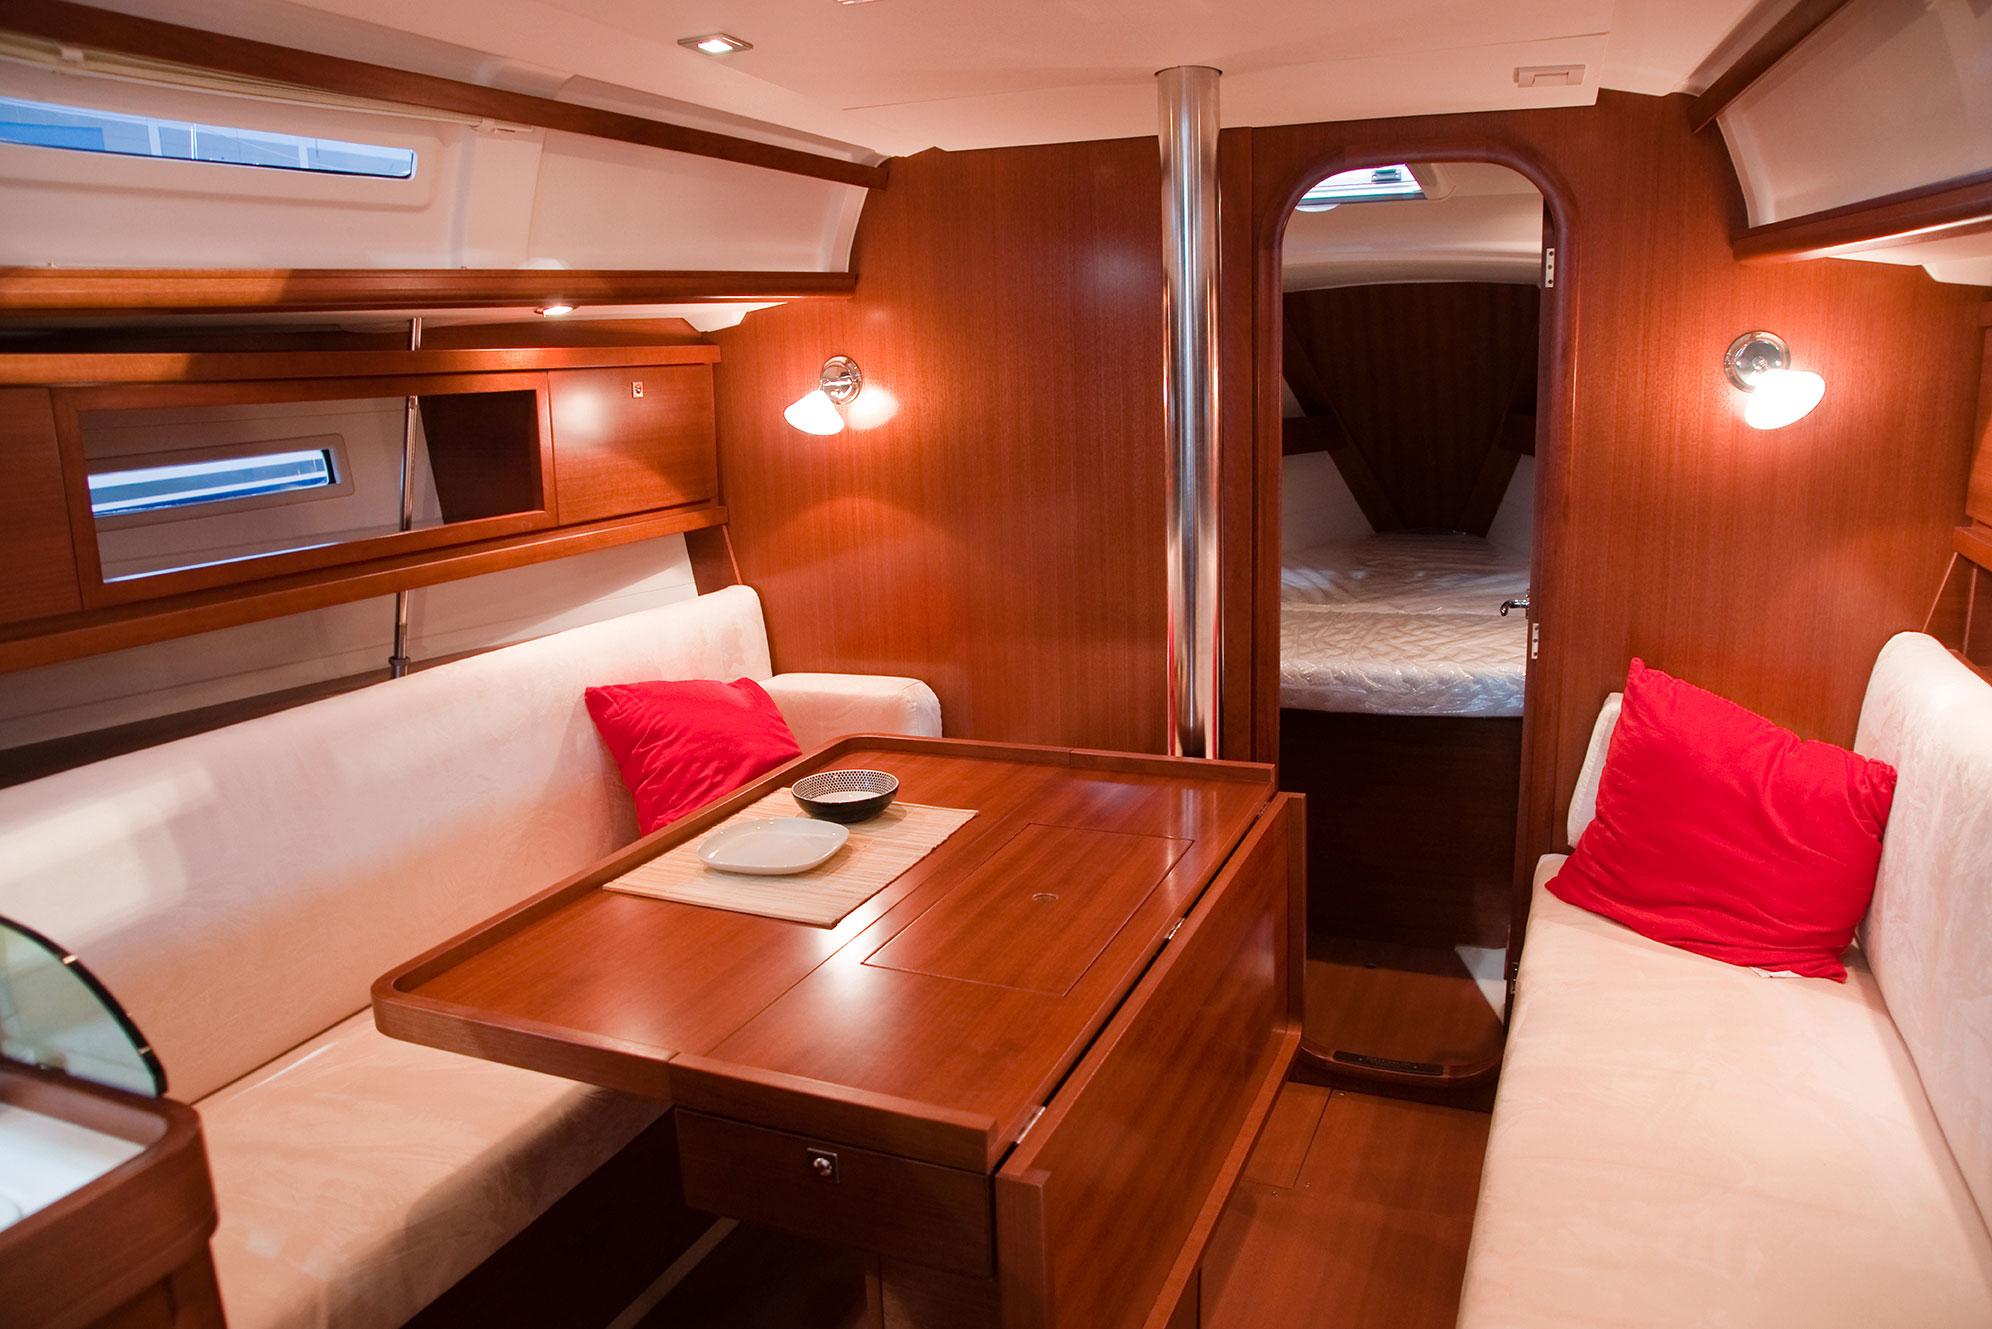 Arredamento navale cagliari divani cuscinerie e for Arredamento stock